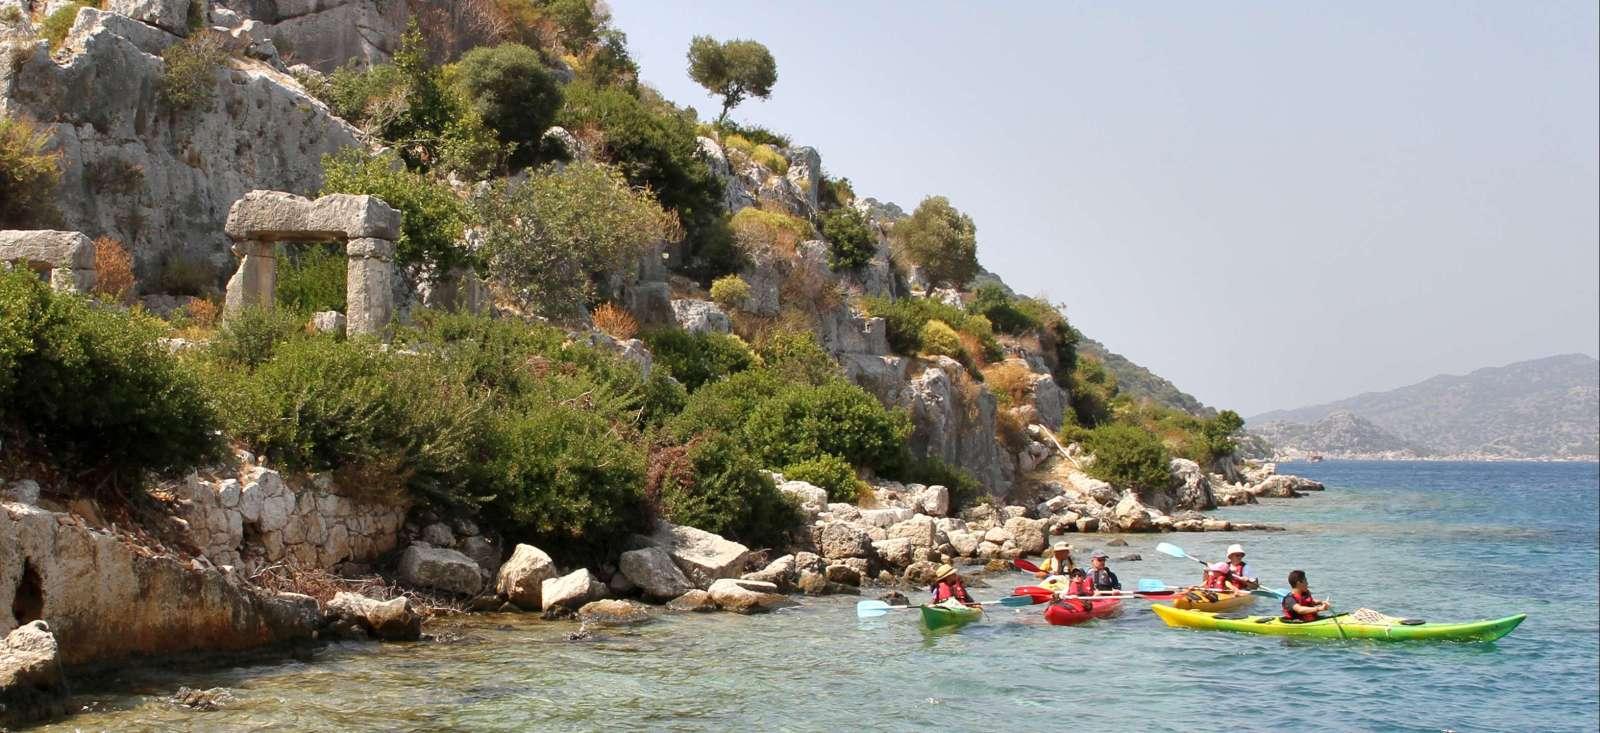 Voyage sur l'eau : 1 - 2 - 3… Lycie !